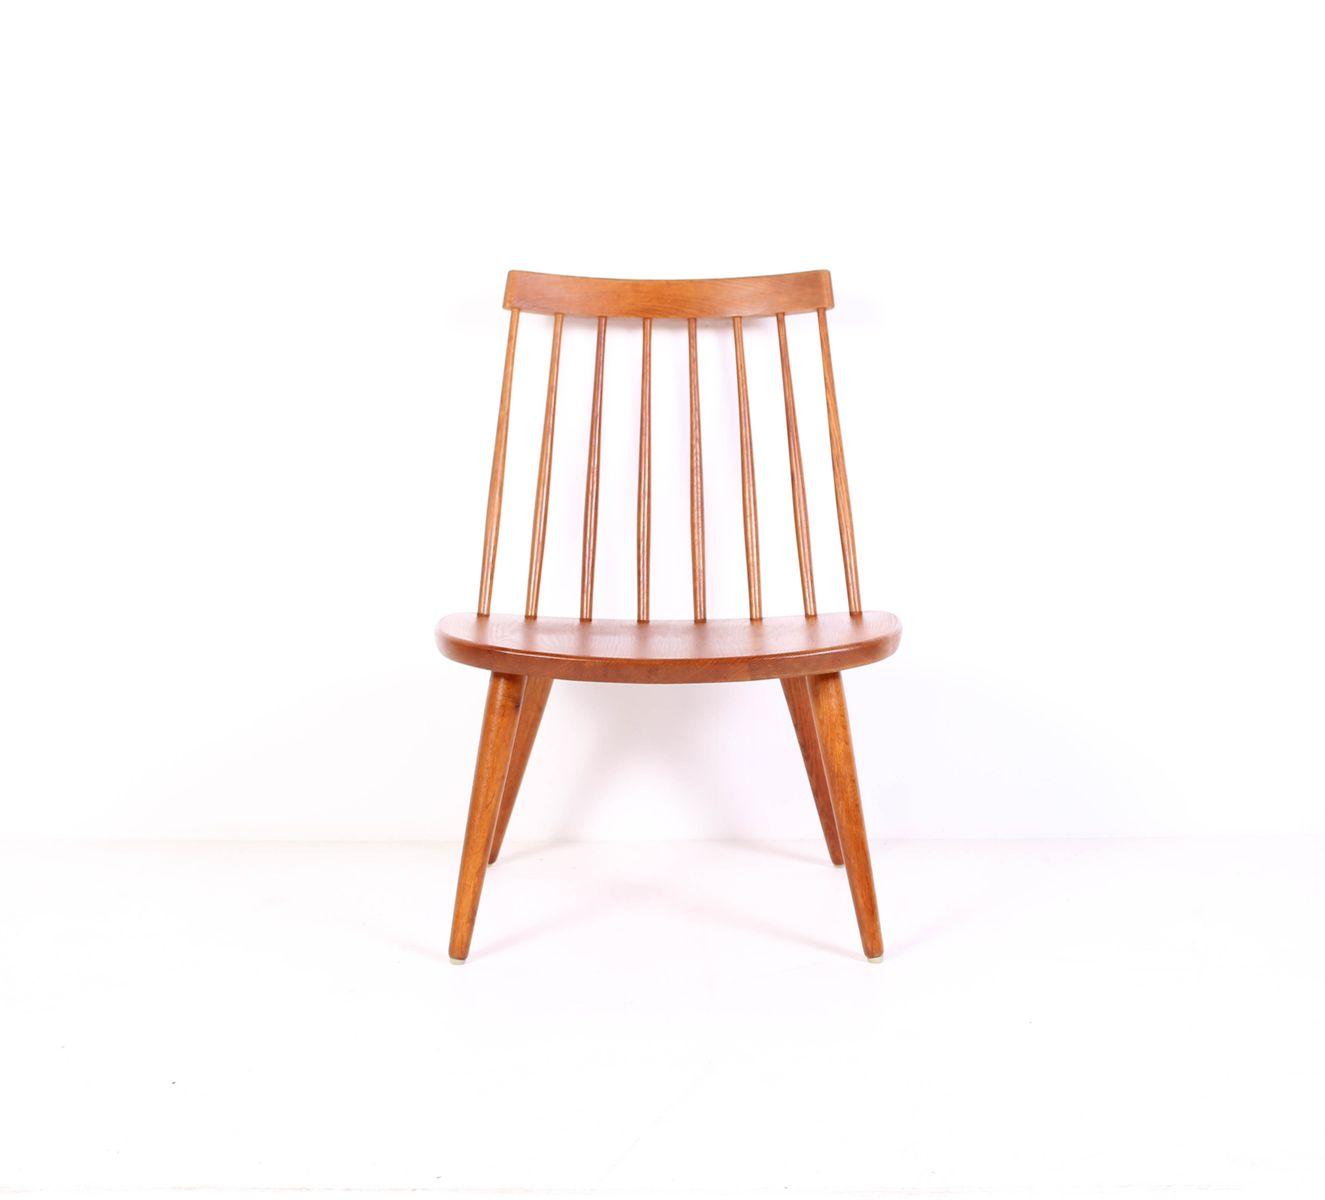 Mid century eichenholz sibbo stuhl von yngve ekstr m f r stolab bei pamono kaufen - Mid century stuhl ...